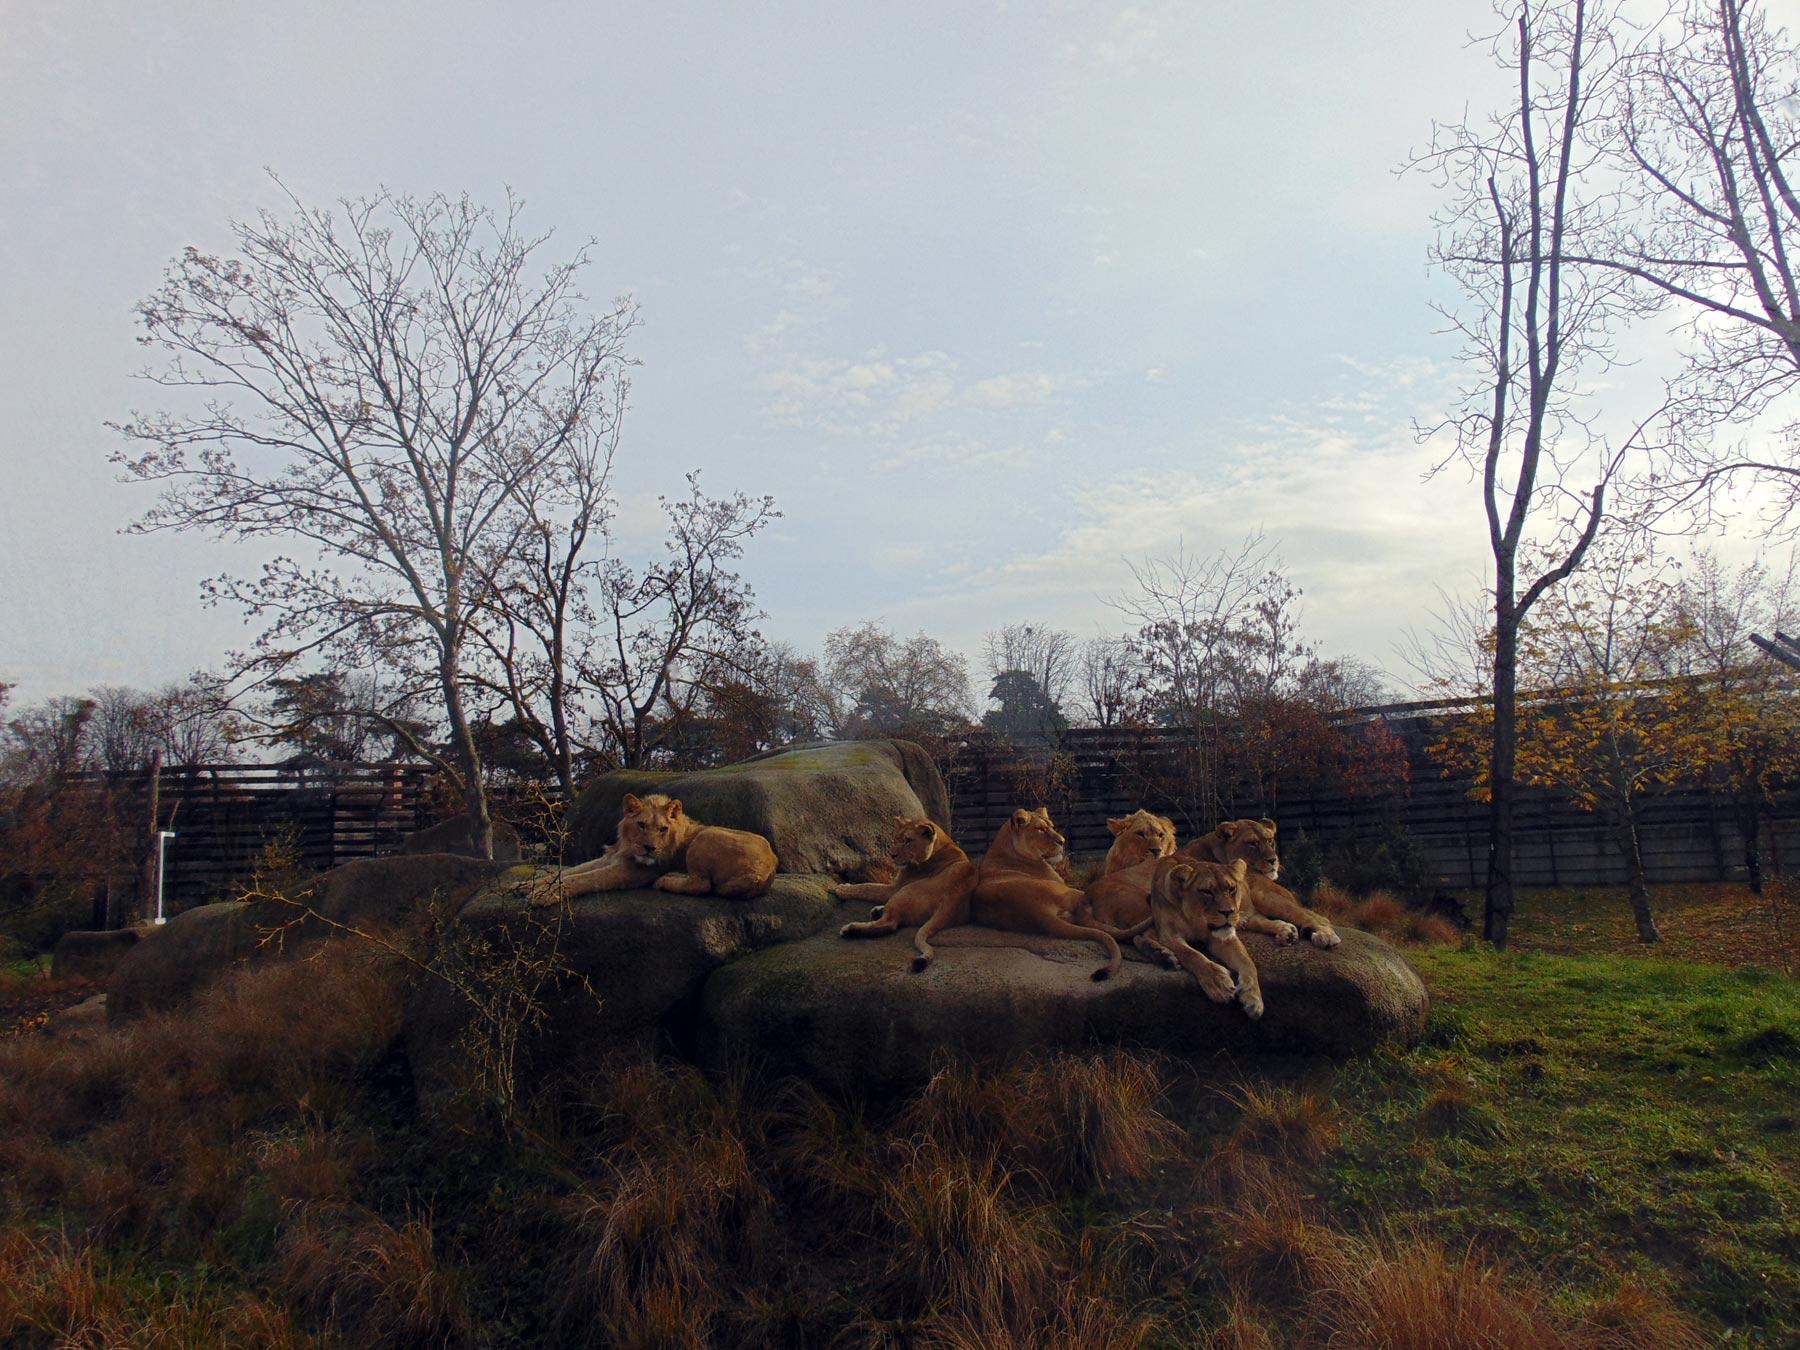 львы в коллекции венсенского зоопарка в Париже